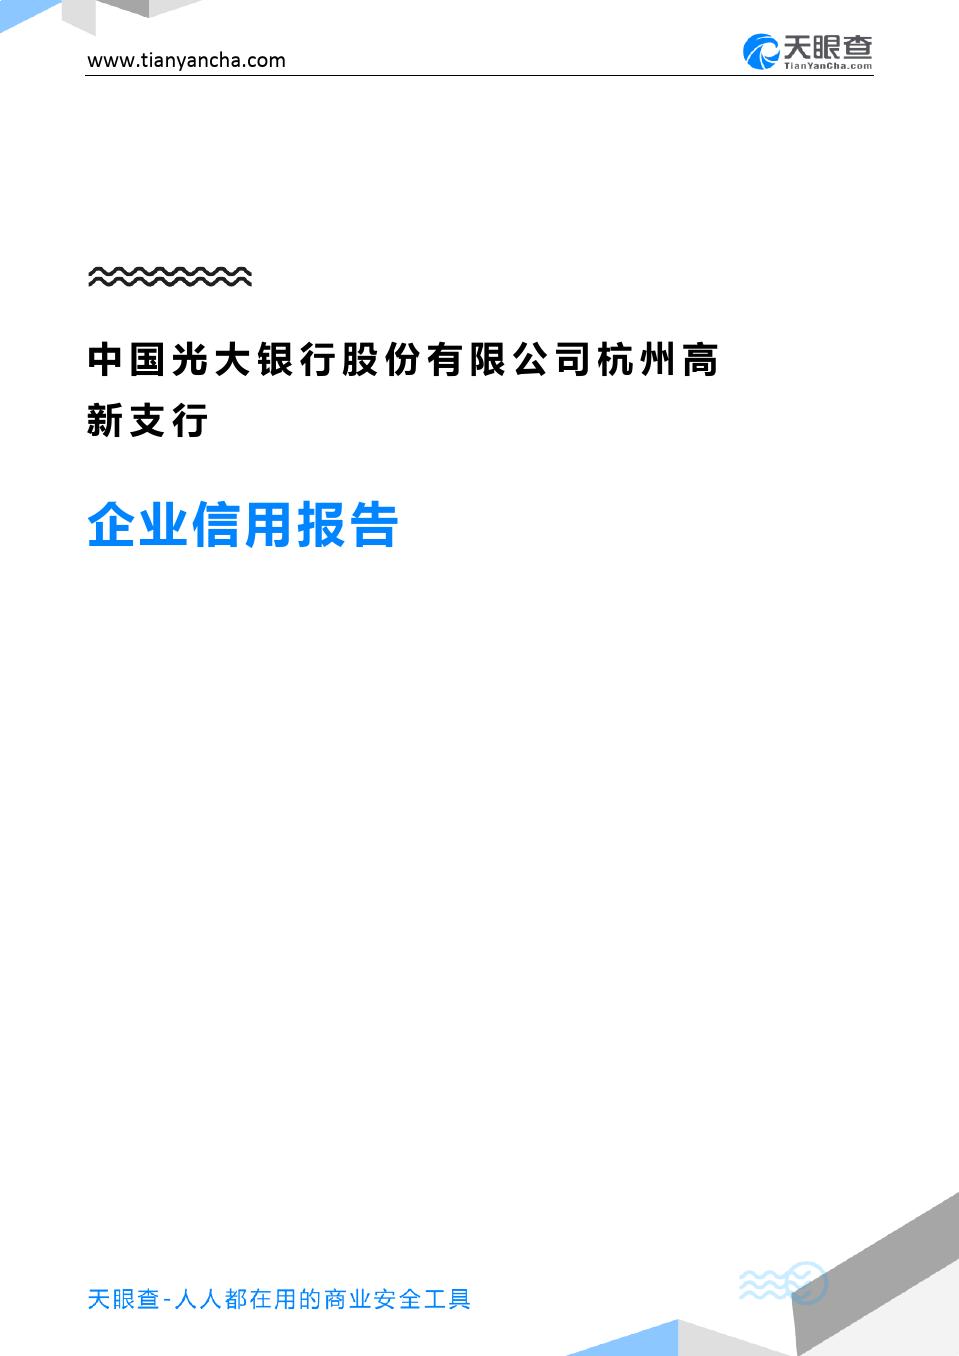 中国光大银行股份有限公司杭州高新支行(企业信用报告)- 天眼查